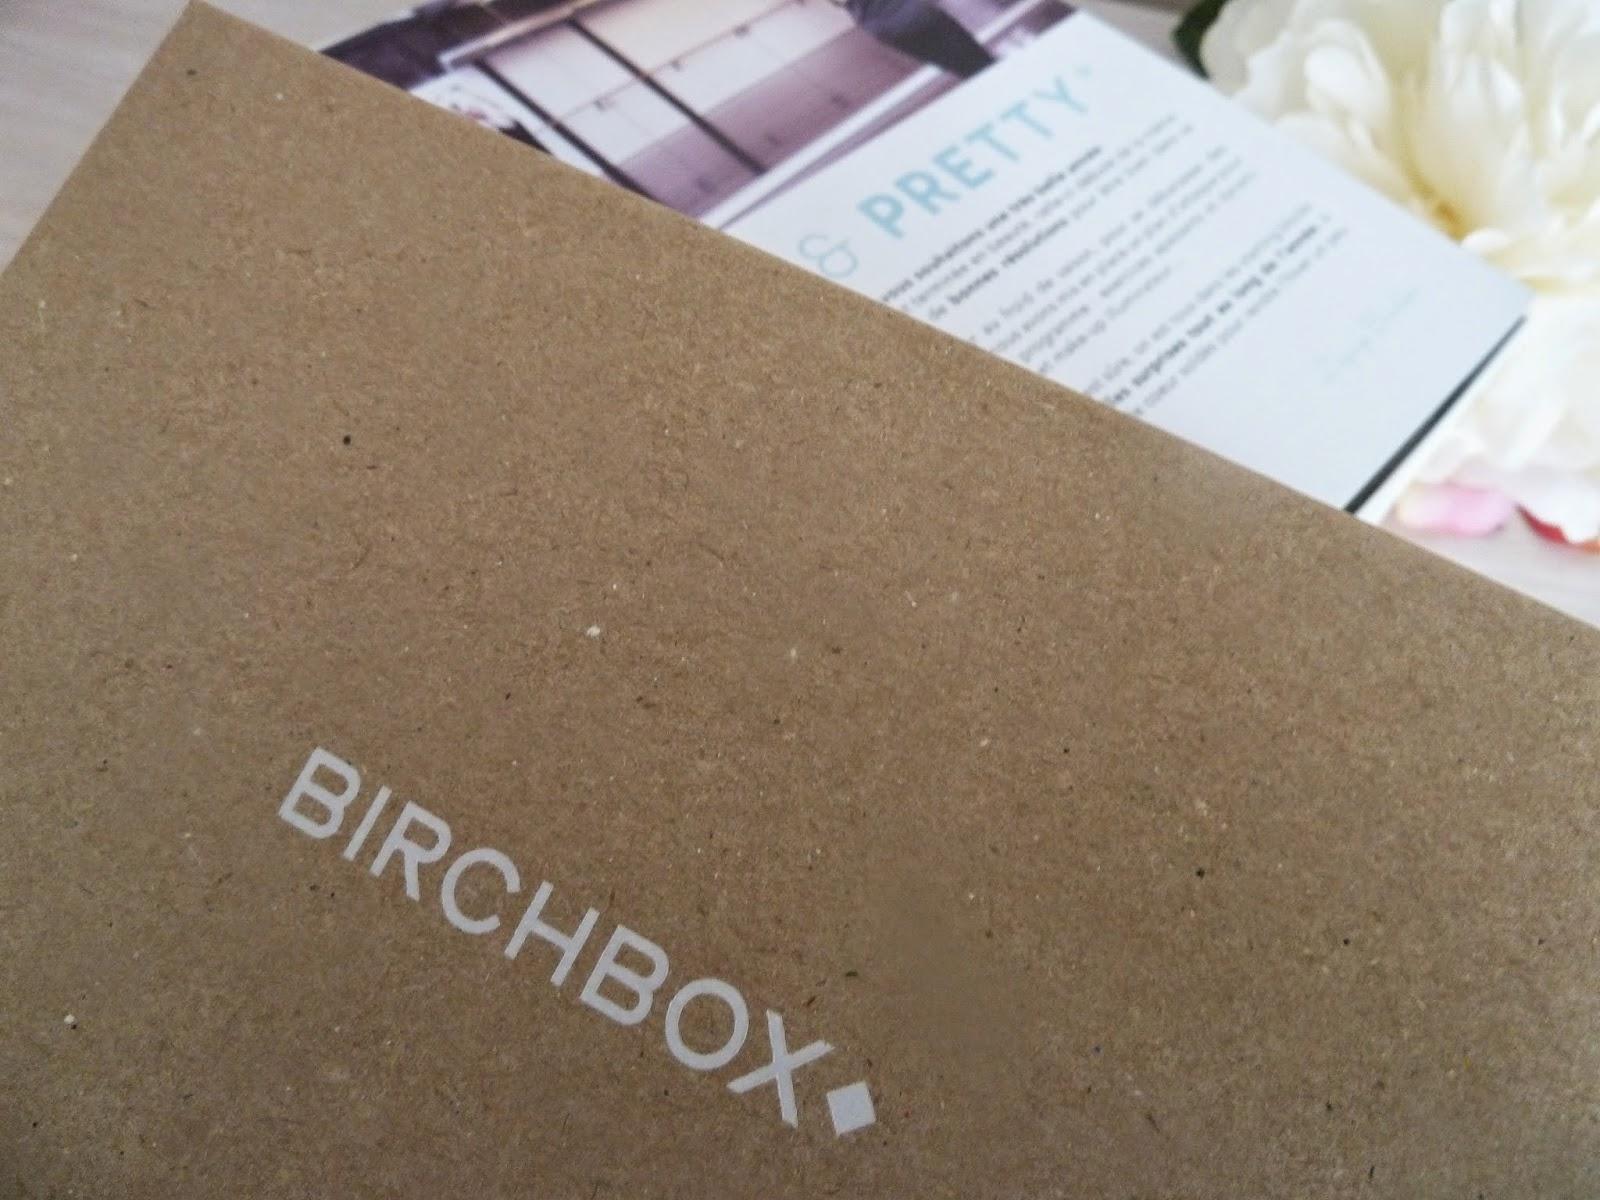 Les bonnes résolutions avec la Birchbox de janvier 2015 - Fit & Pretty